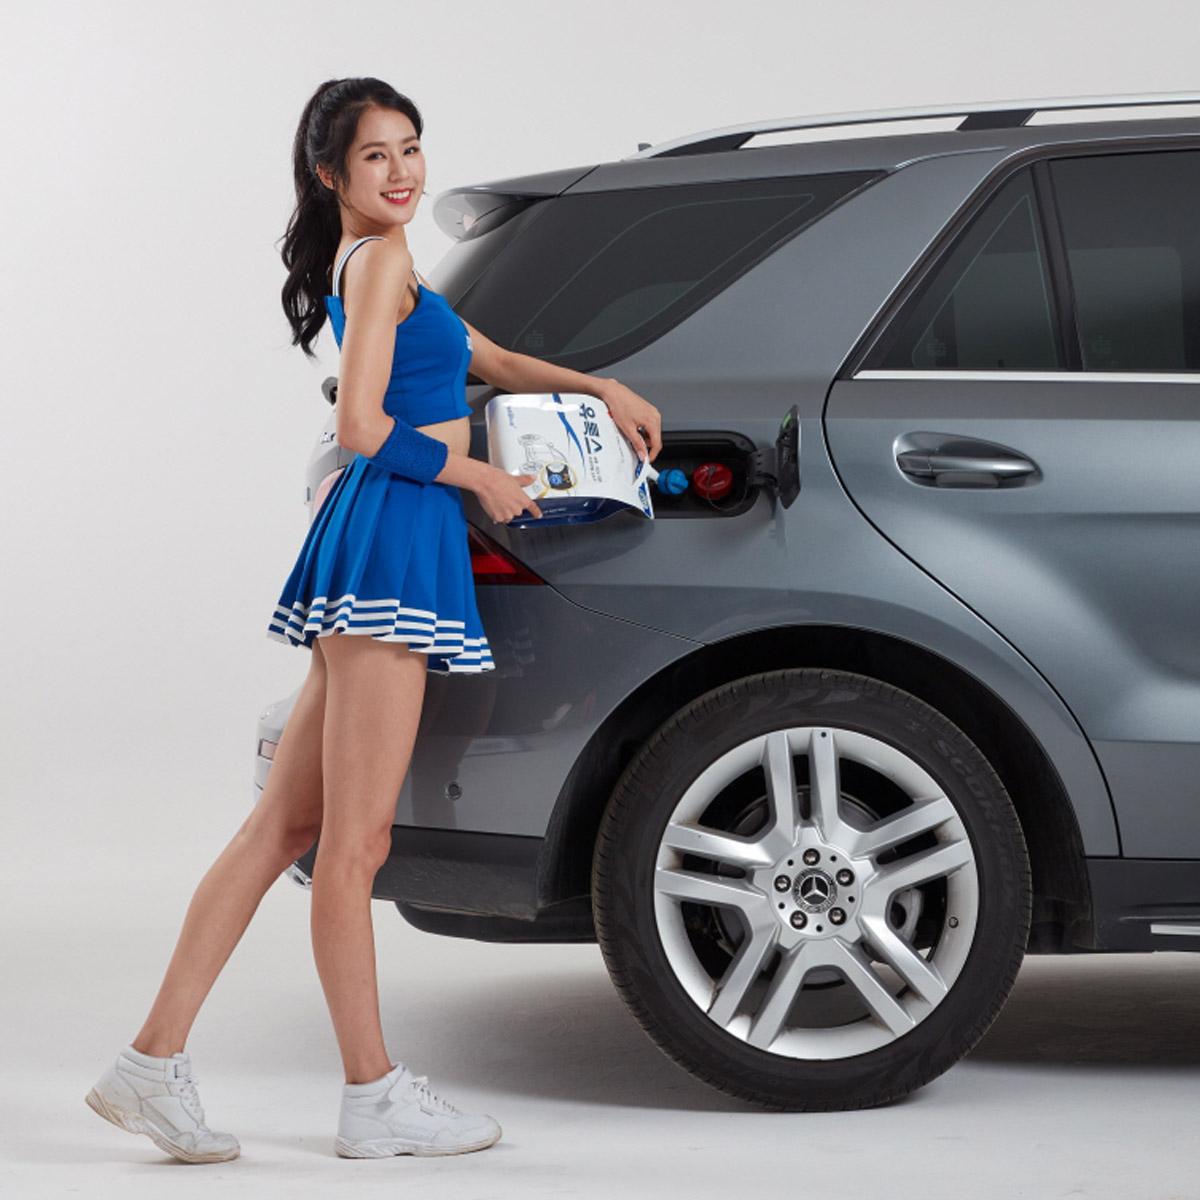 유록스, 치어리더 박기량과 함께 새로운 광고 제작 (2)